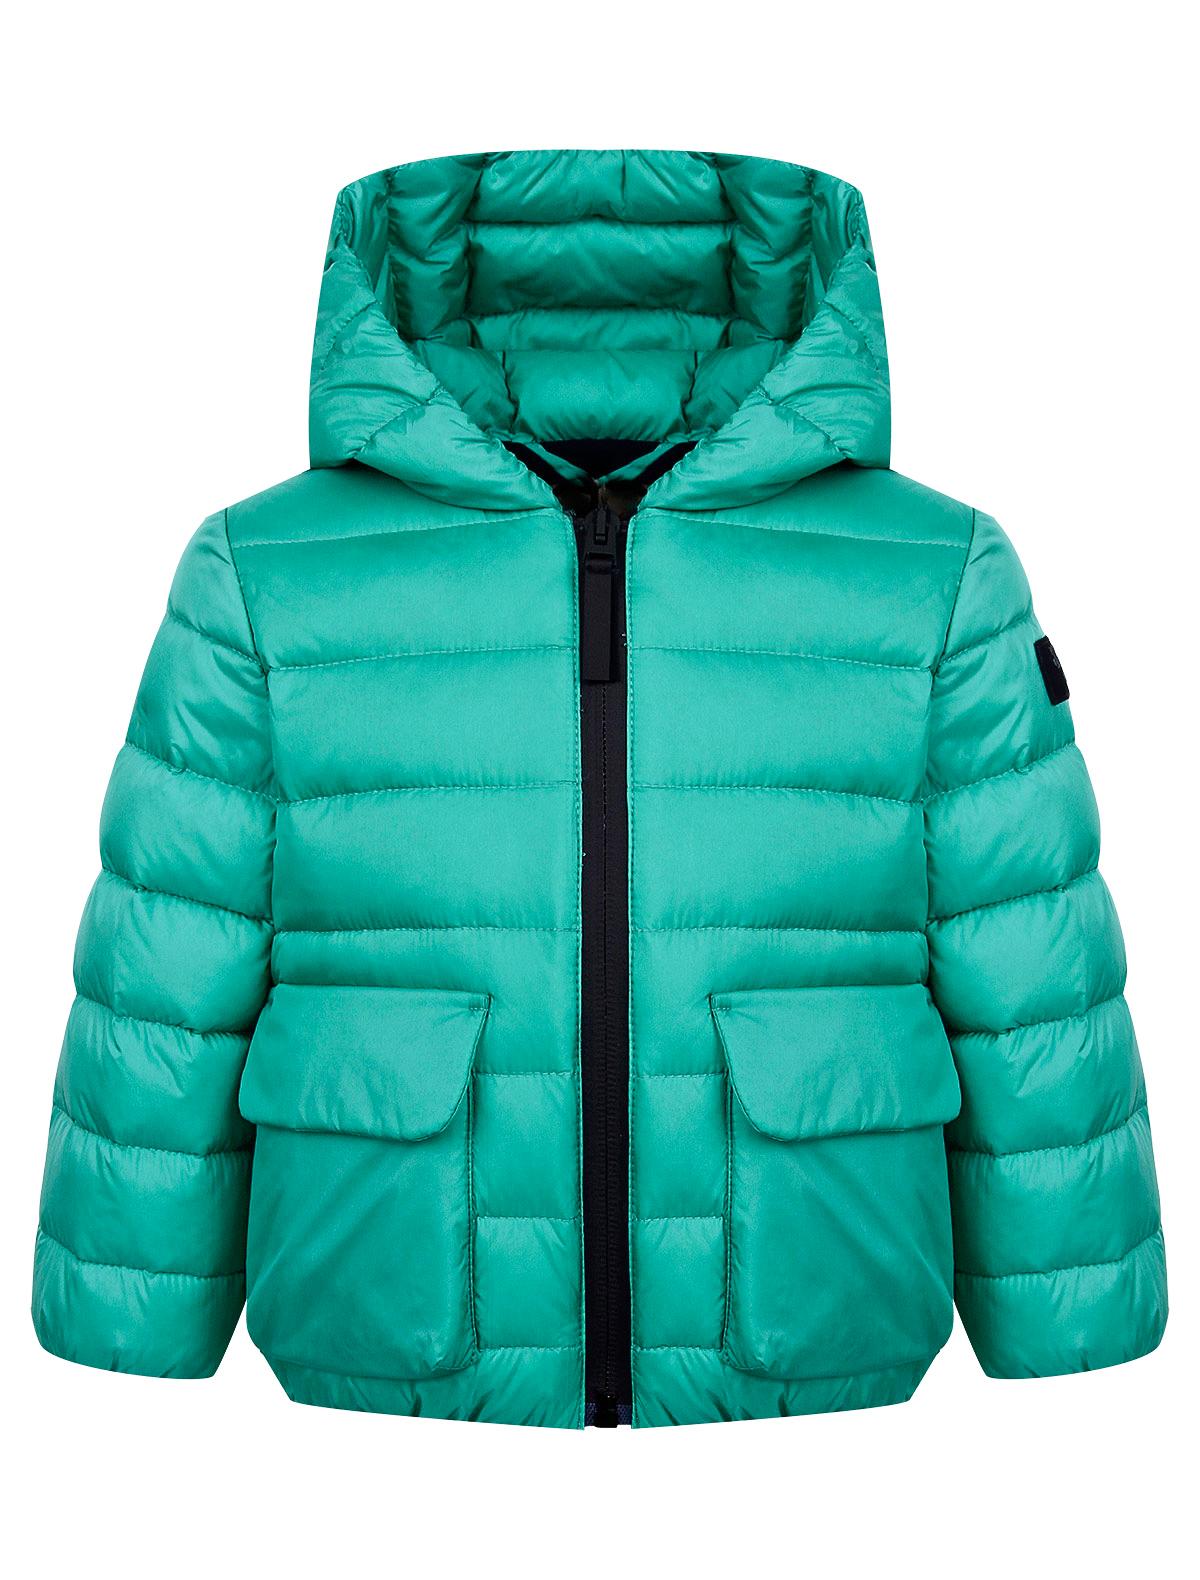 Купить 2171276, Куртка Il Gufo, зеленый, Мужской, 1074519071355